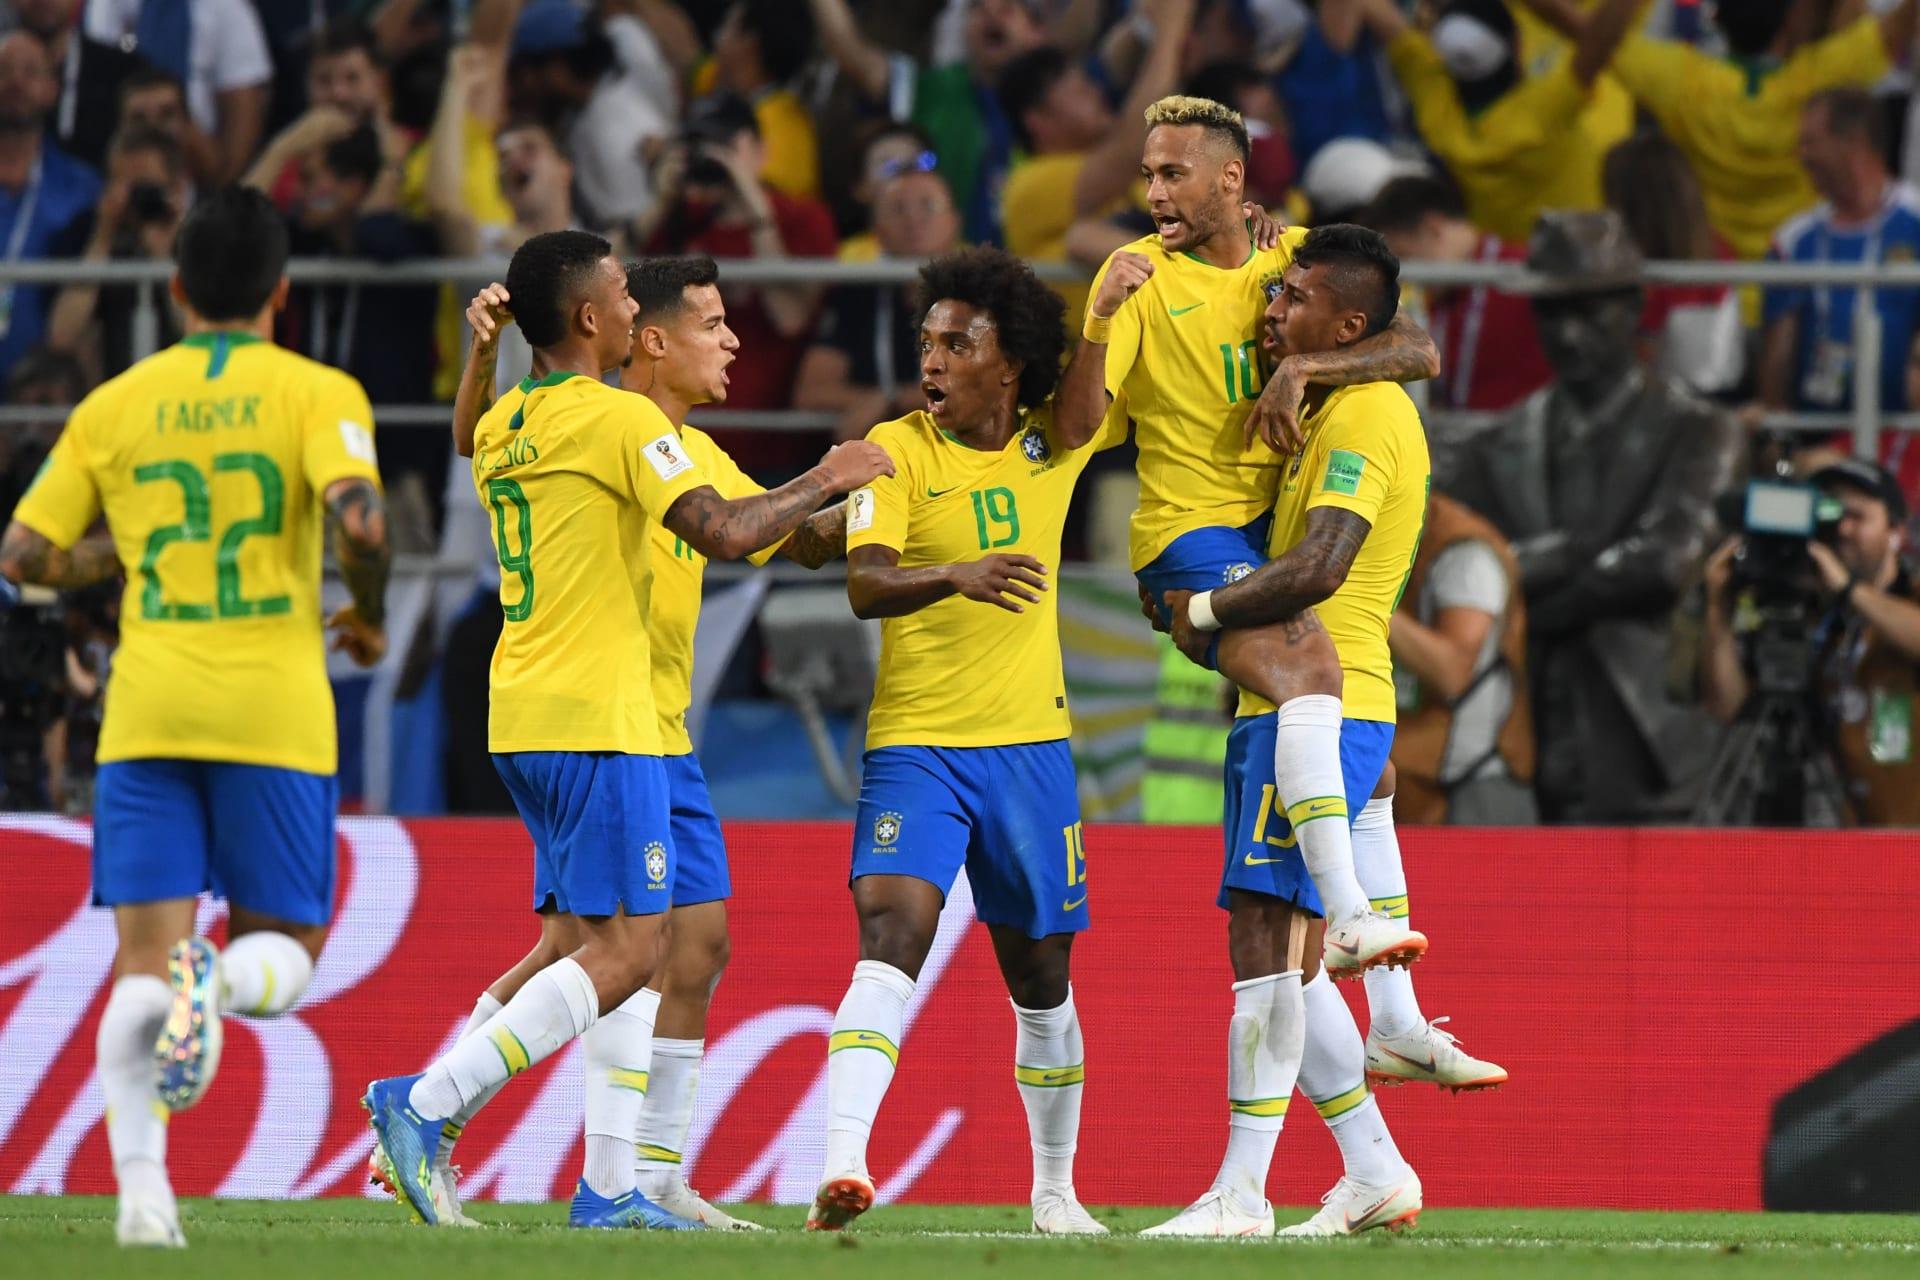 البرازيل تتأهل إلى دور الـ16 وتضرب موعدا مع المكسيك